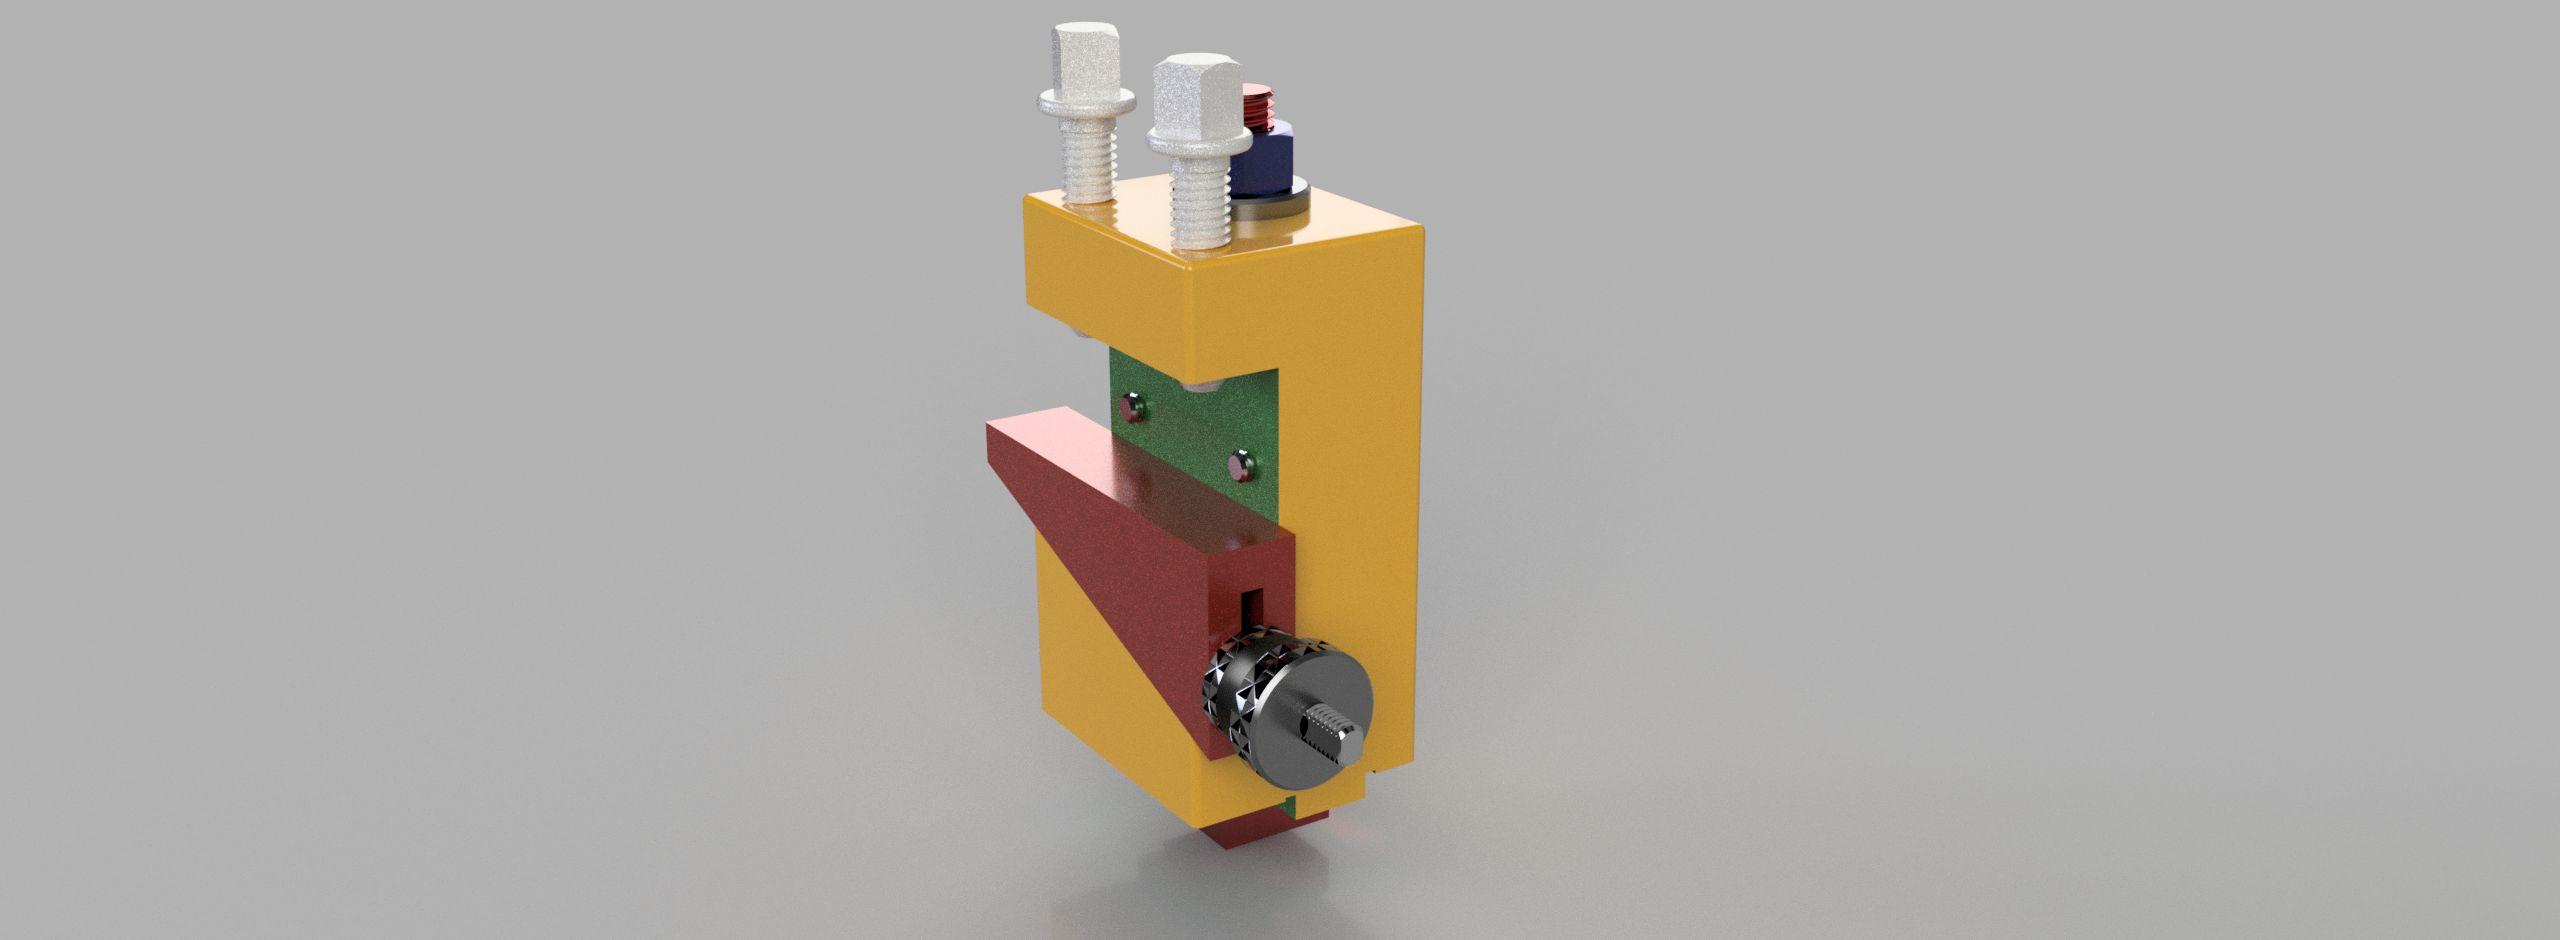 Tool-post-v13-d-3500-3500